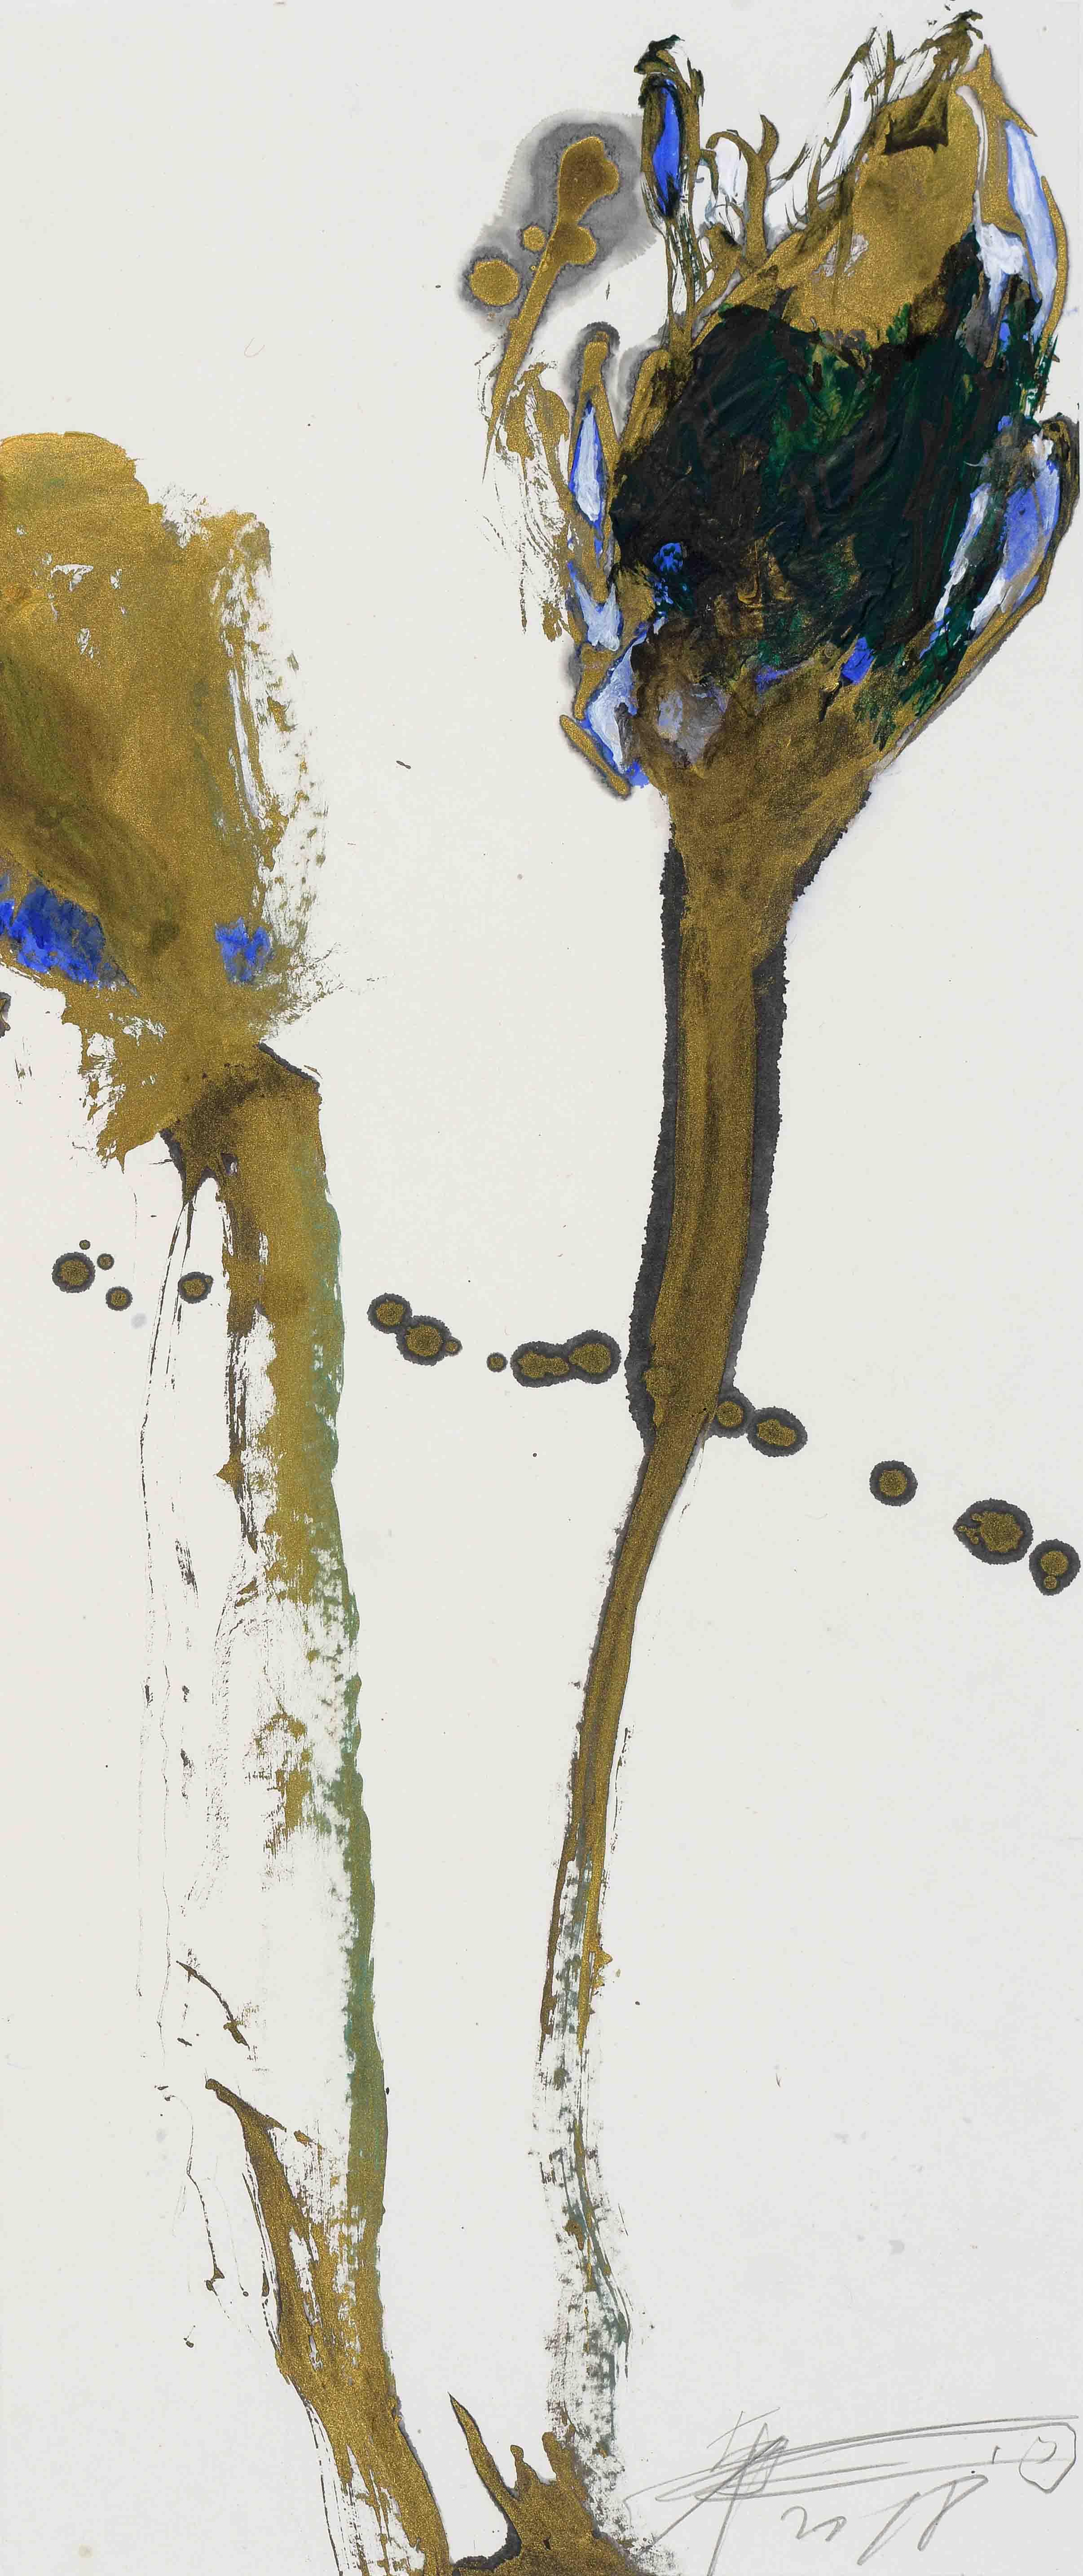 魏立剛 WEI Ligang〈藍金花 Blue and Gold Flowers〉